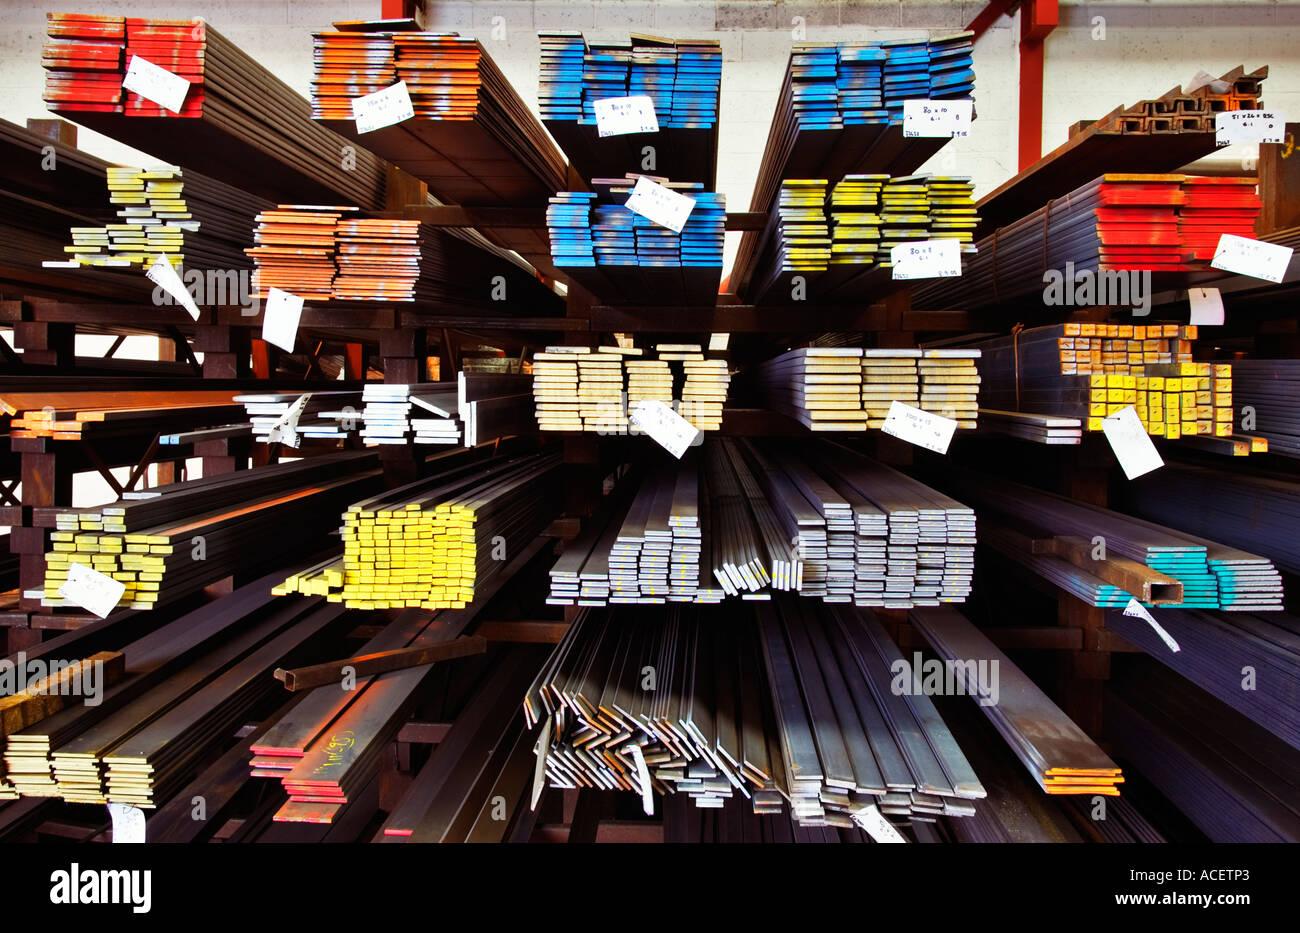 Industria, UK - vigas de acero en un rack en una empresa manufacturera, REINO UNIDO Imagen De Stock